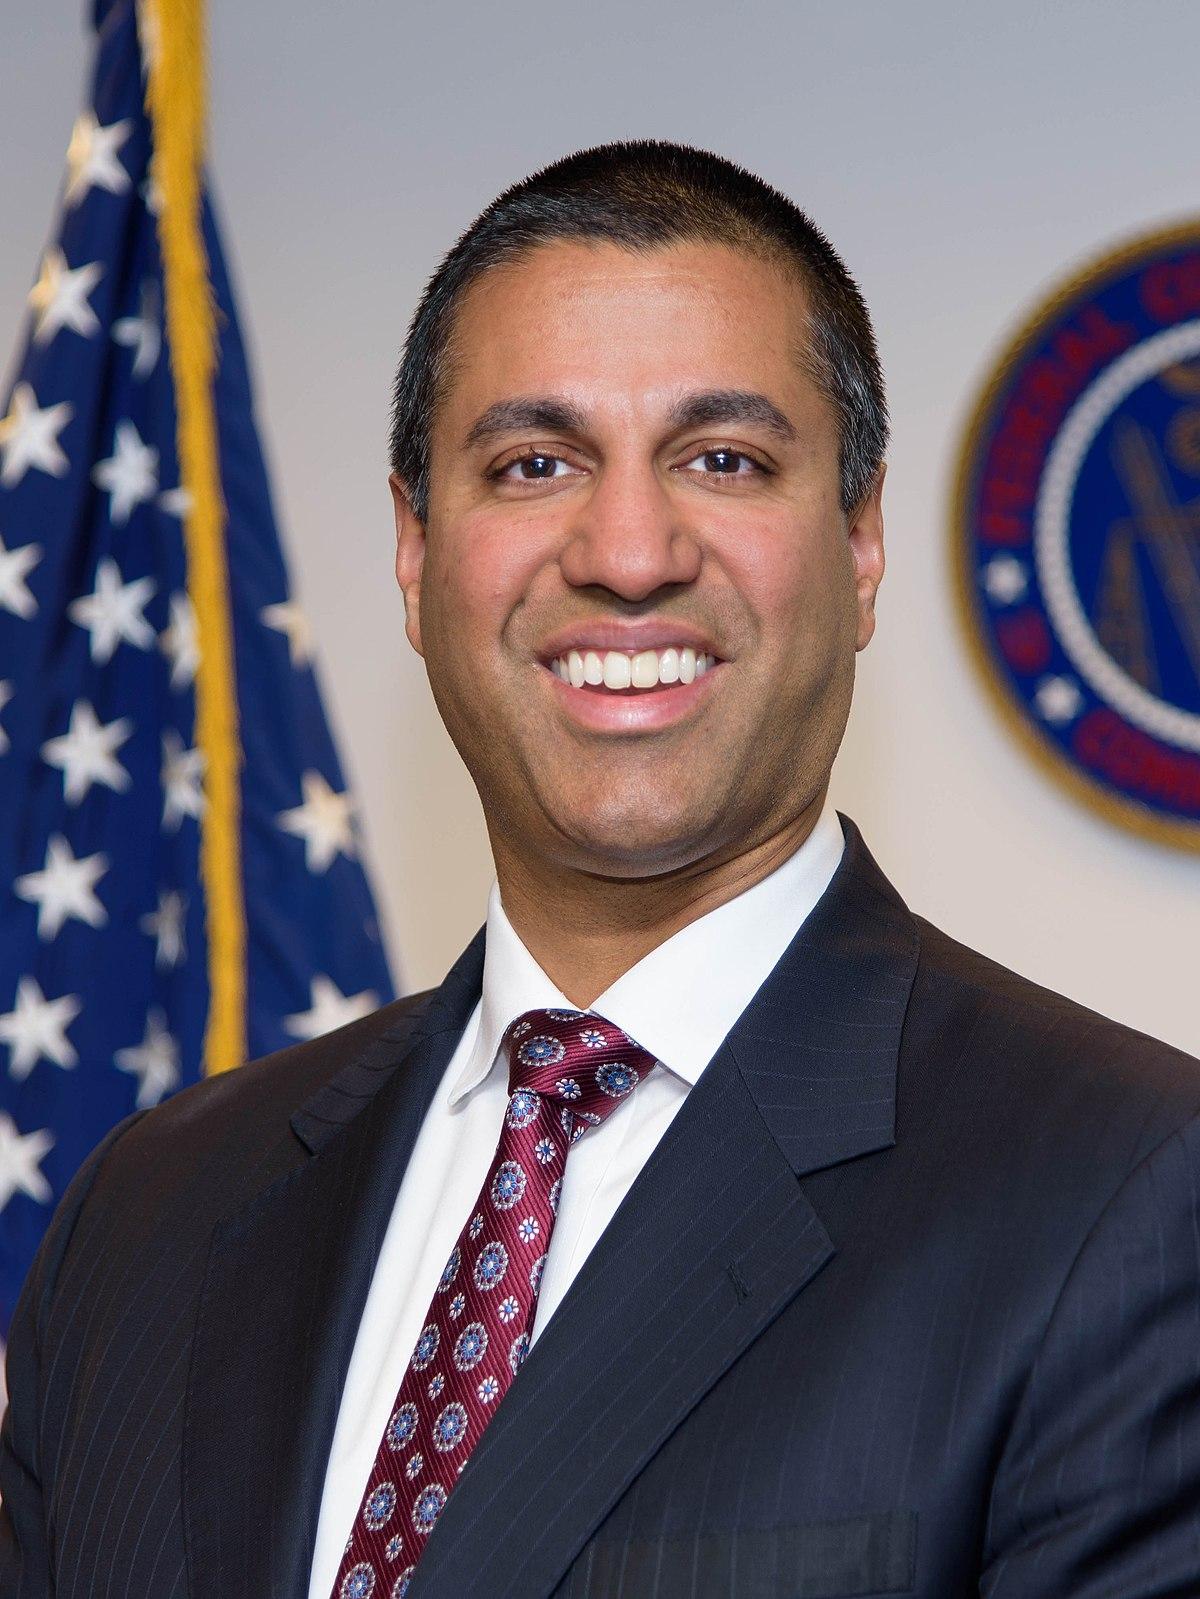 Ajit Pai - Wikipedia